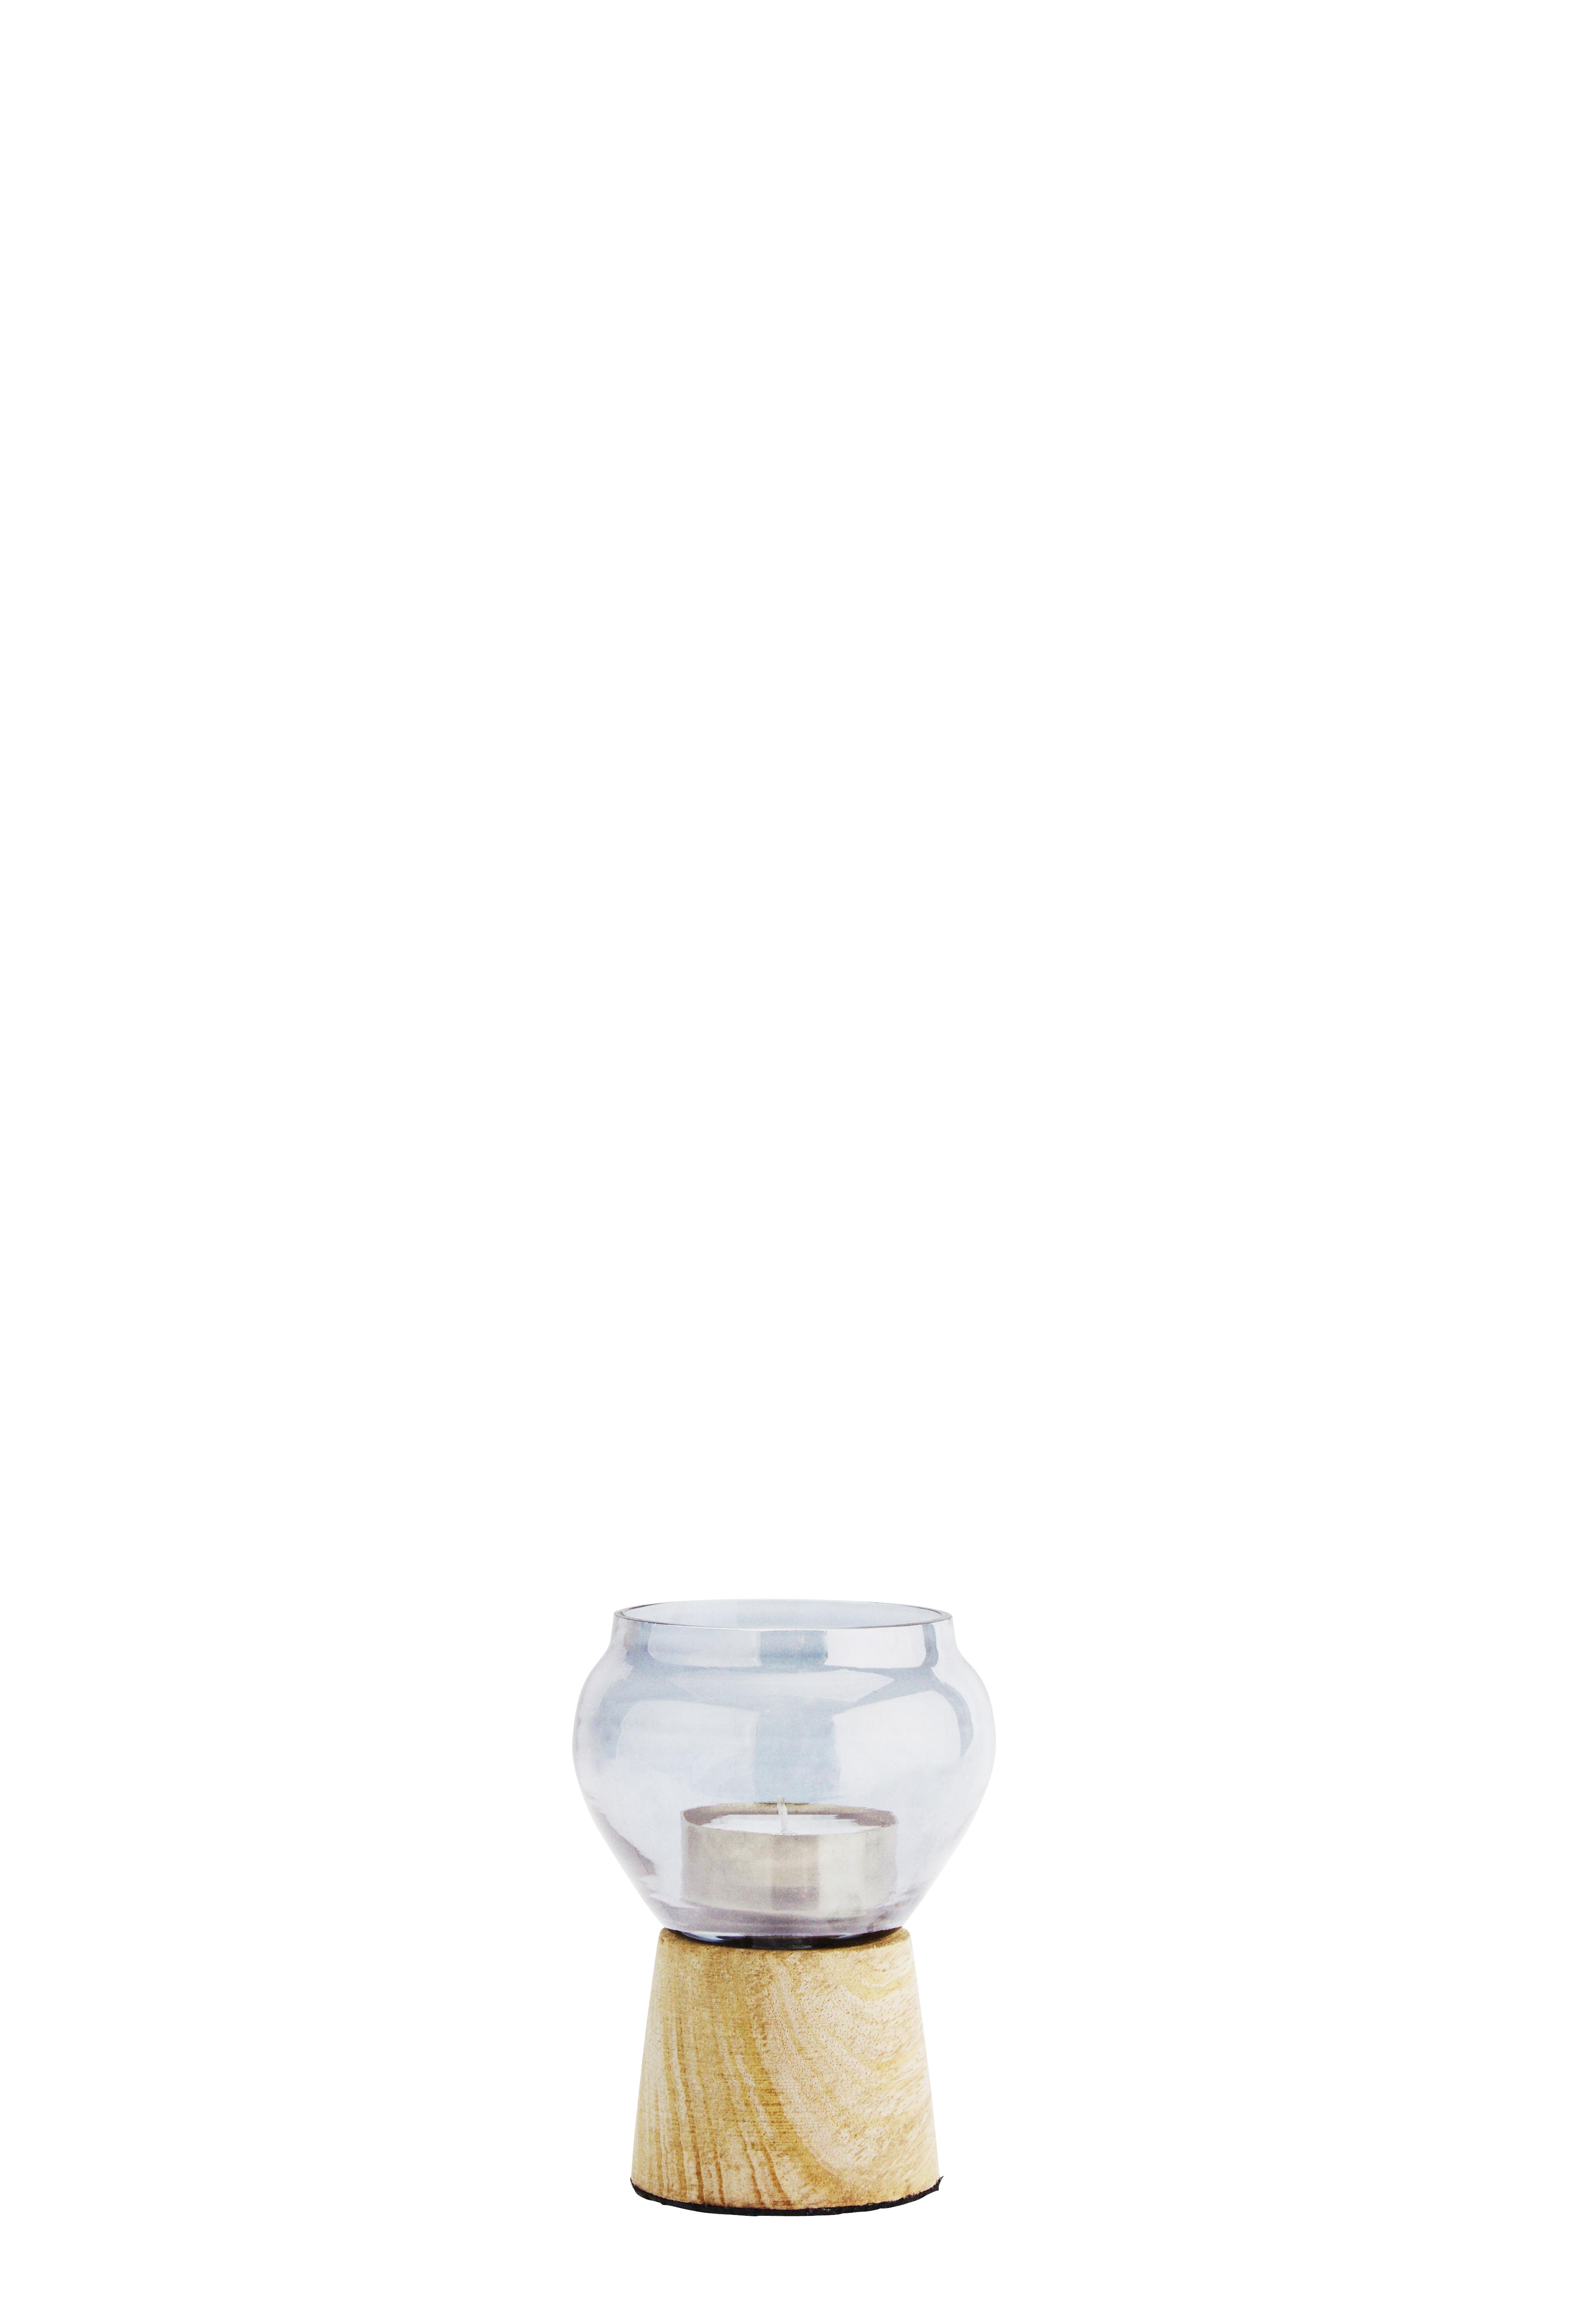 Teelichthalter, blaues Glas, Holz S | Vasen & Kerzen ...